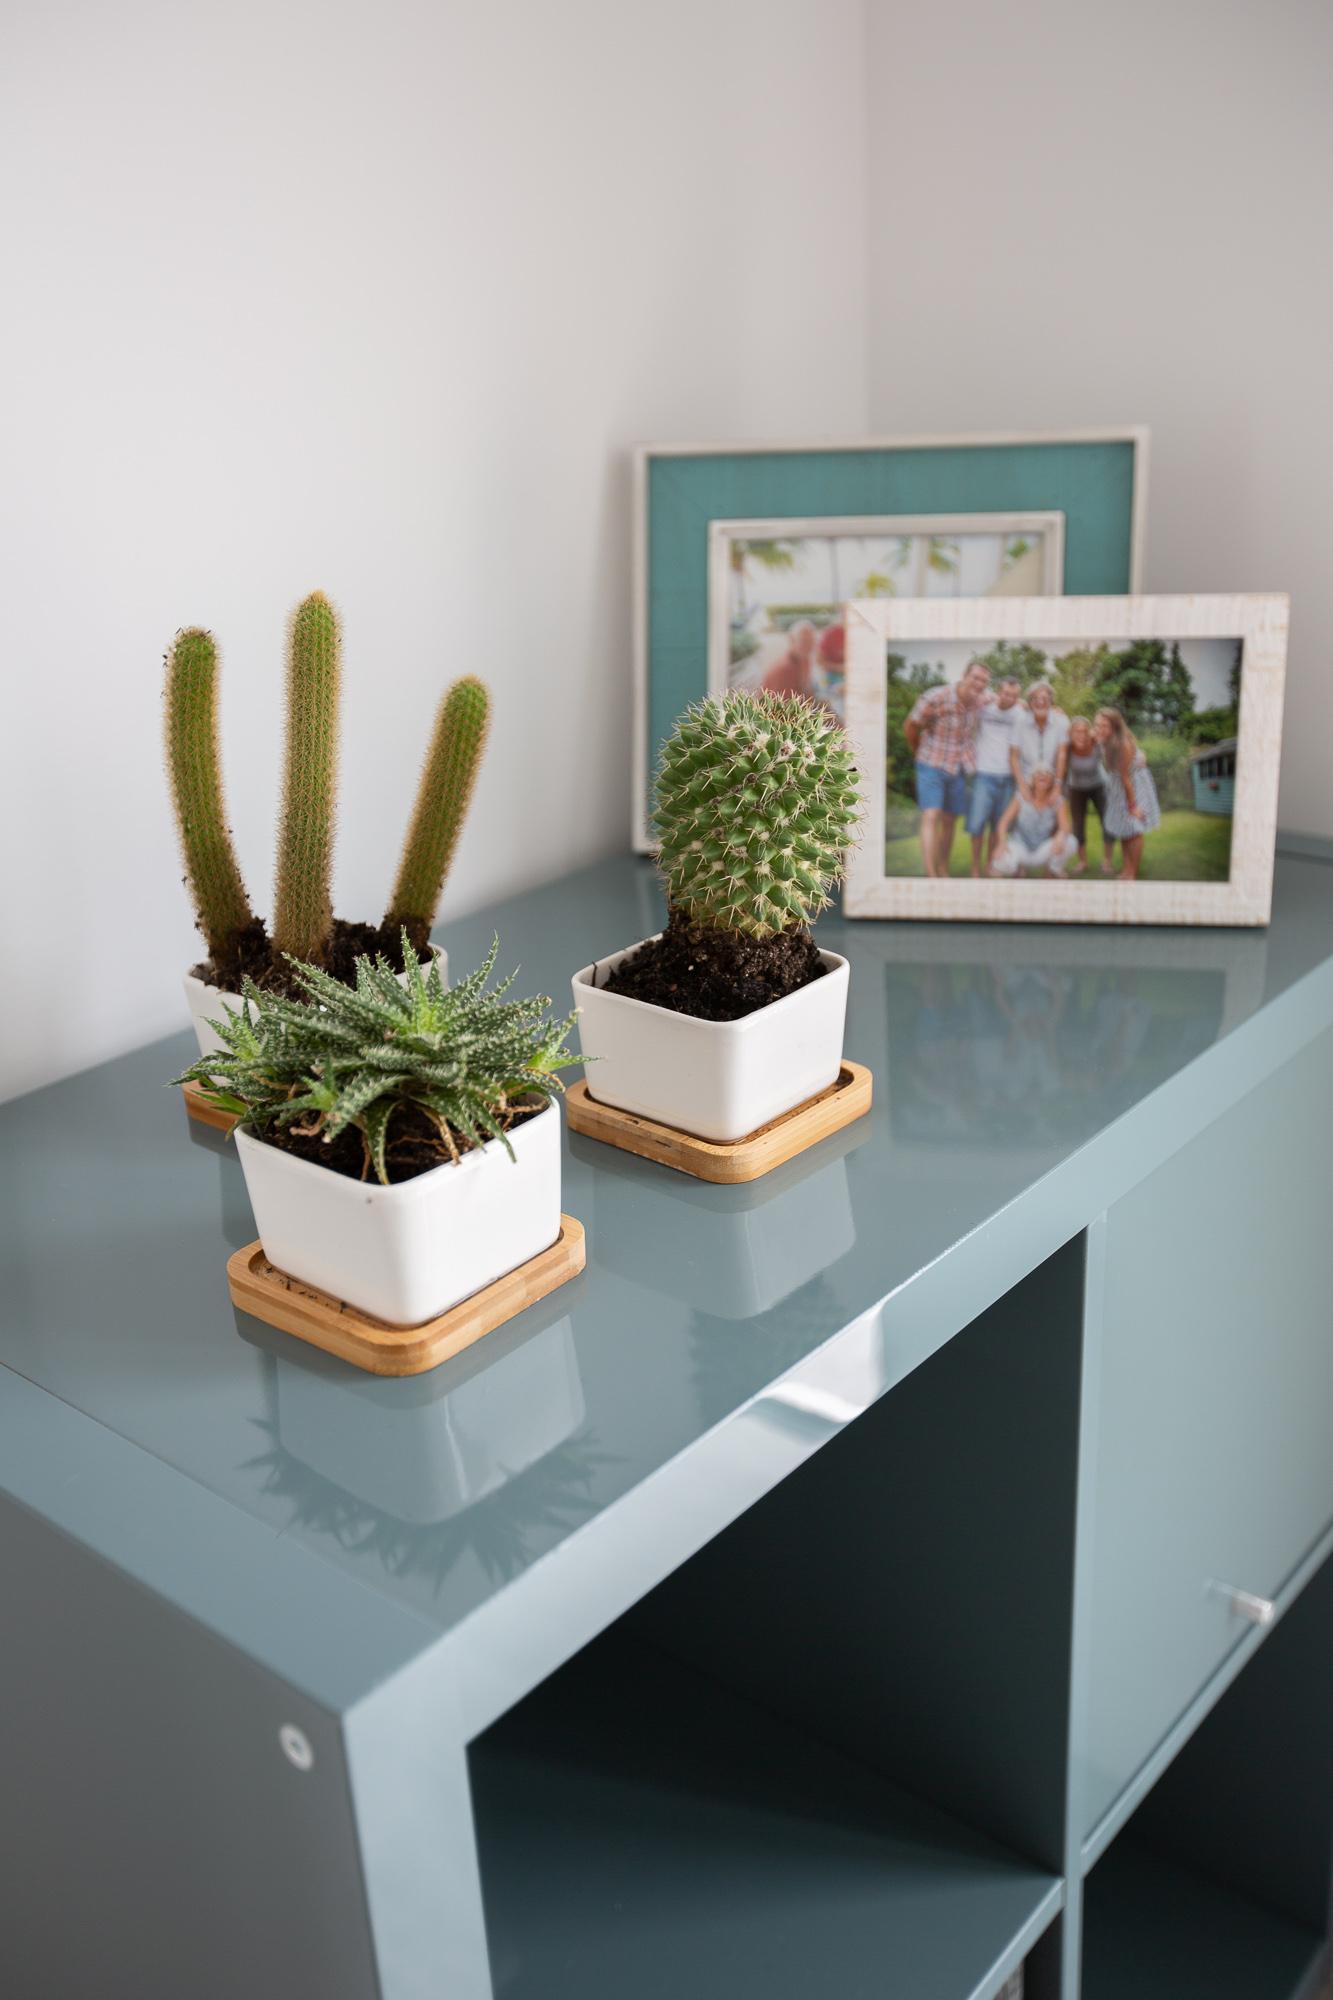 Planters    //    Storage Unit    //    Photo Frames    //    Succulents